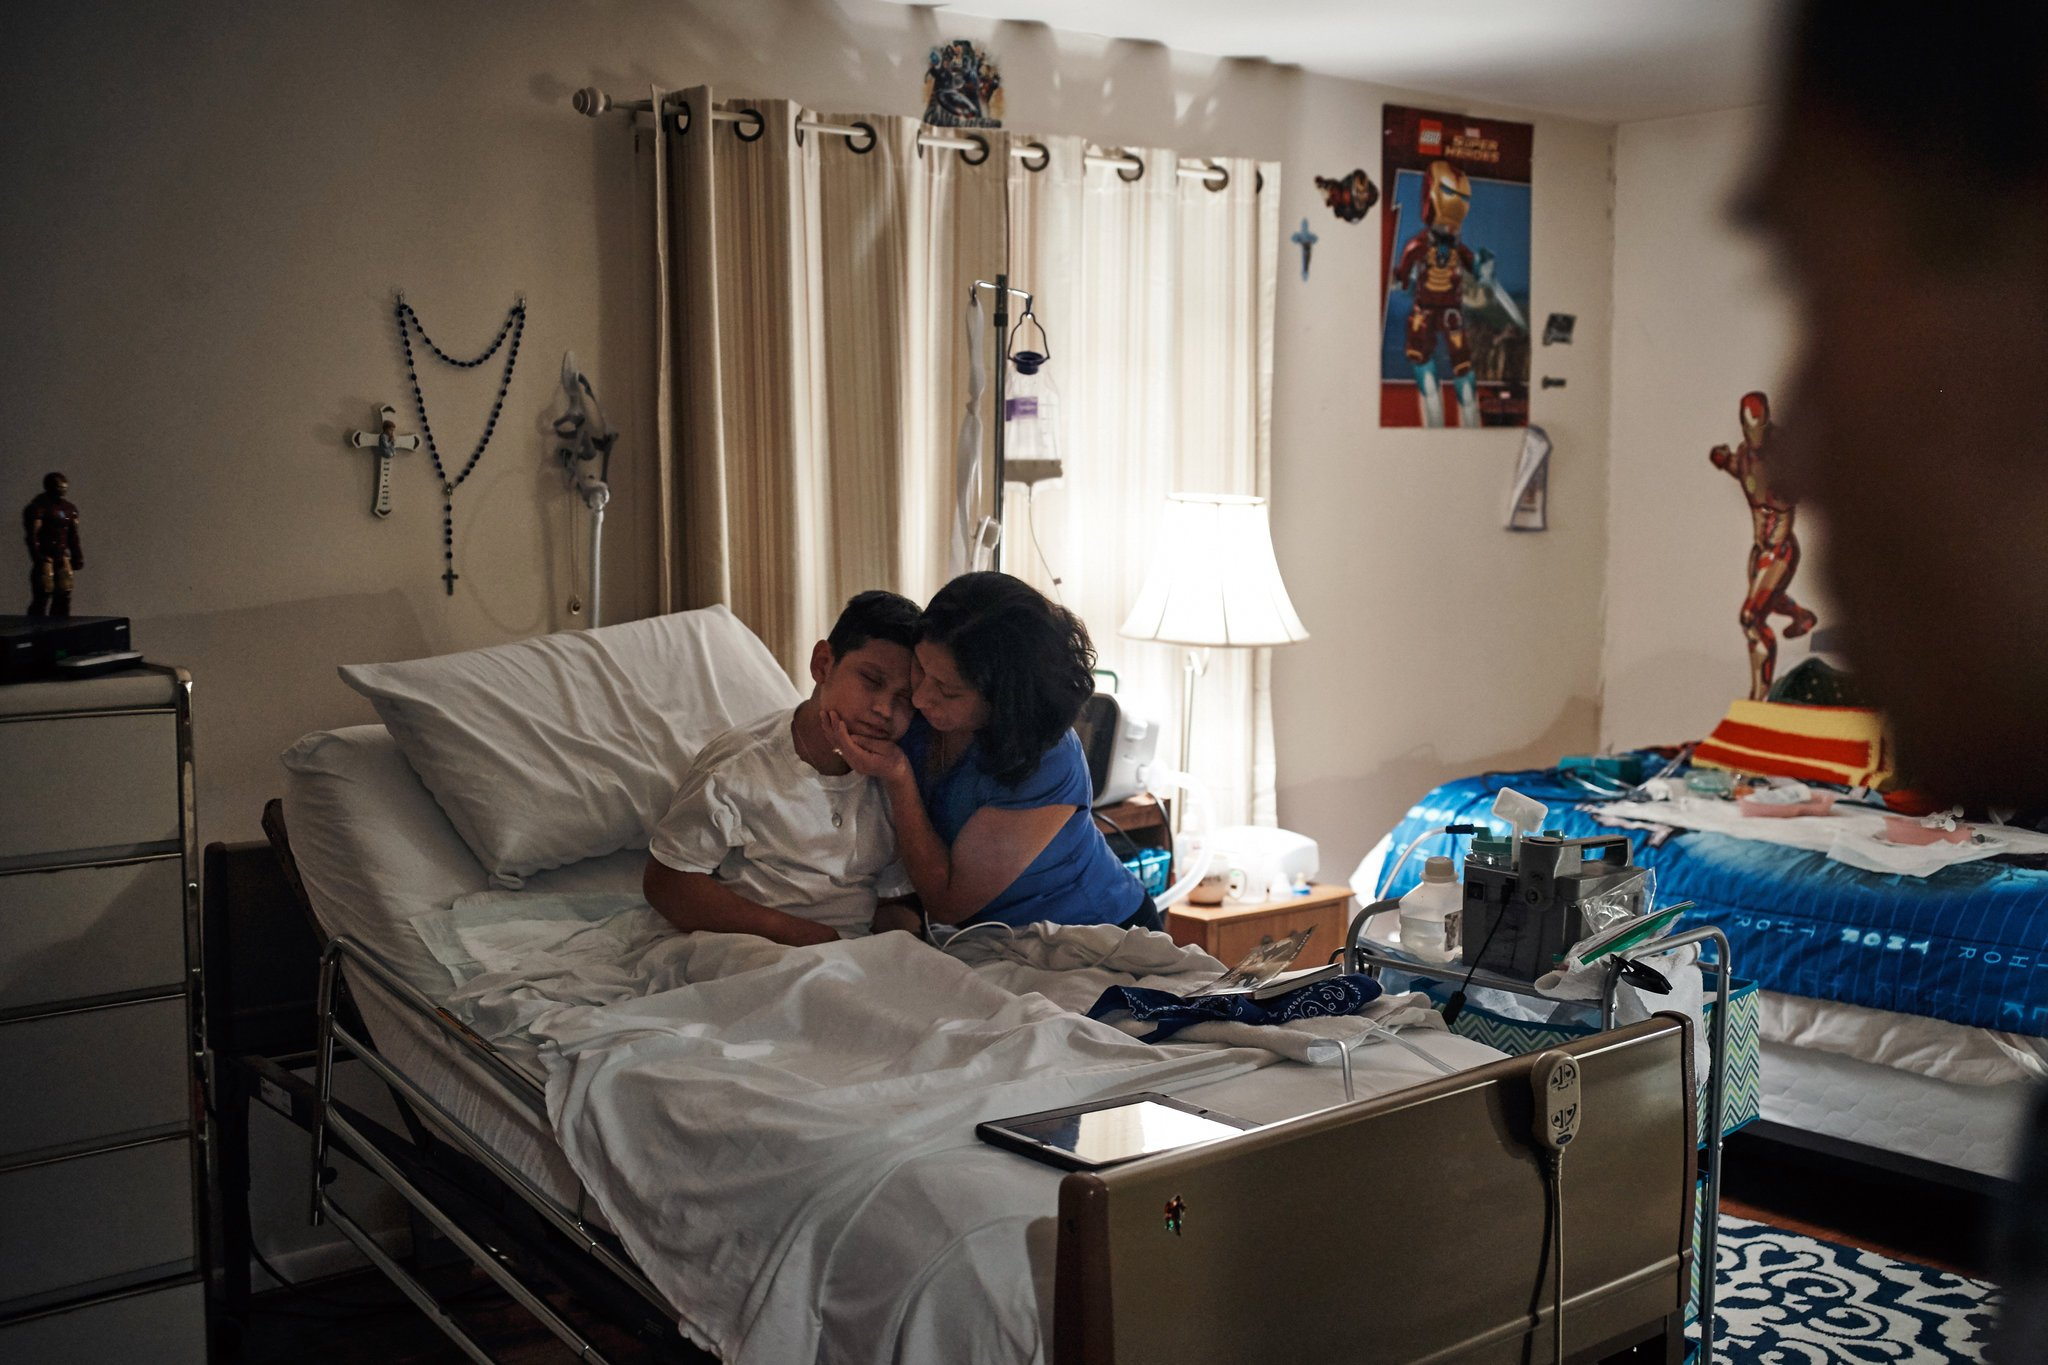 هفت گذرگاه برای اولین بار ژندرمانی توانست نوعی بیماری مغزی کشنده را ...